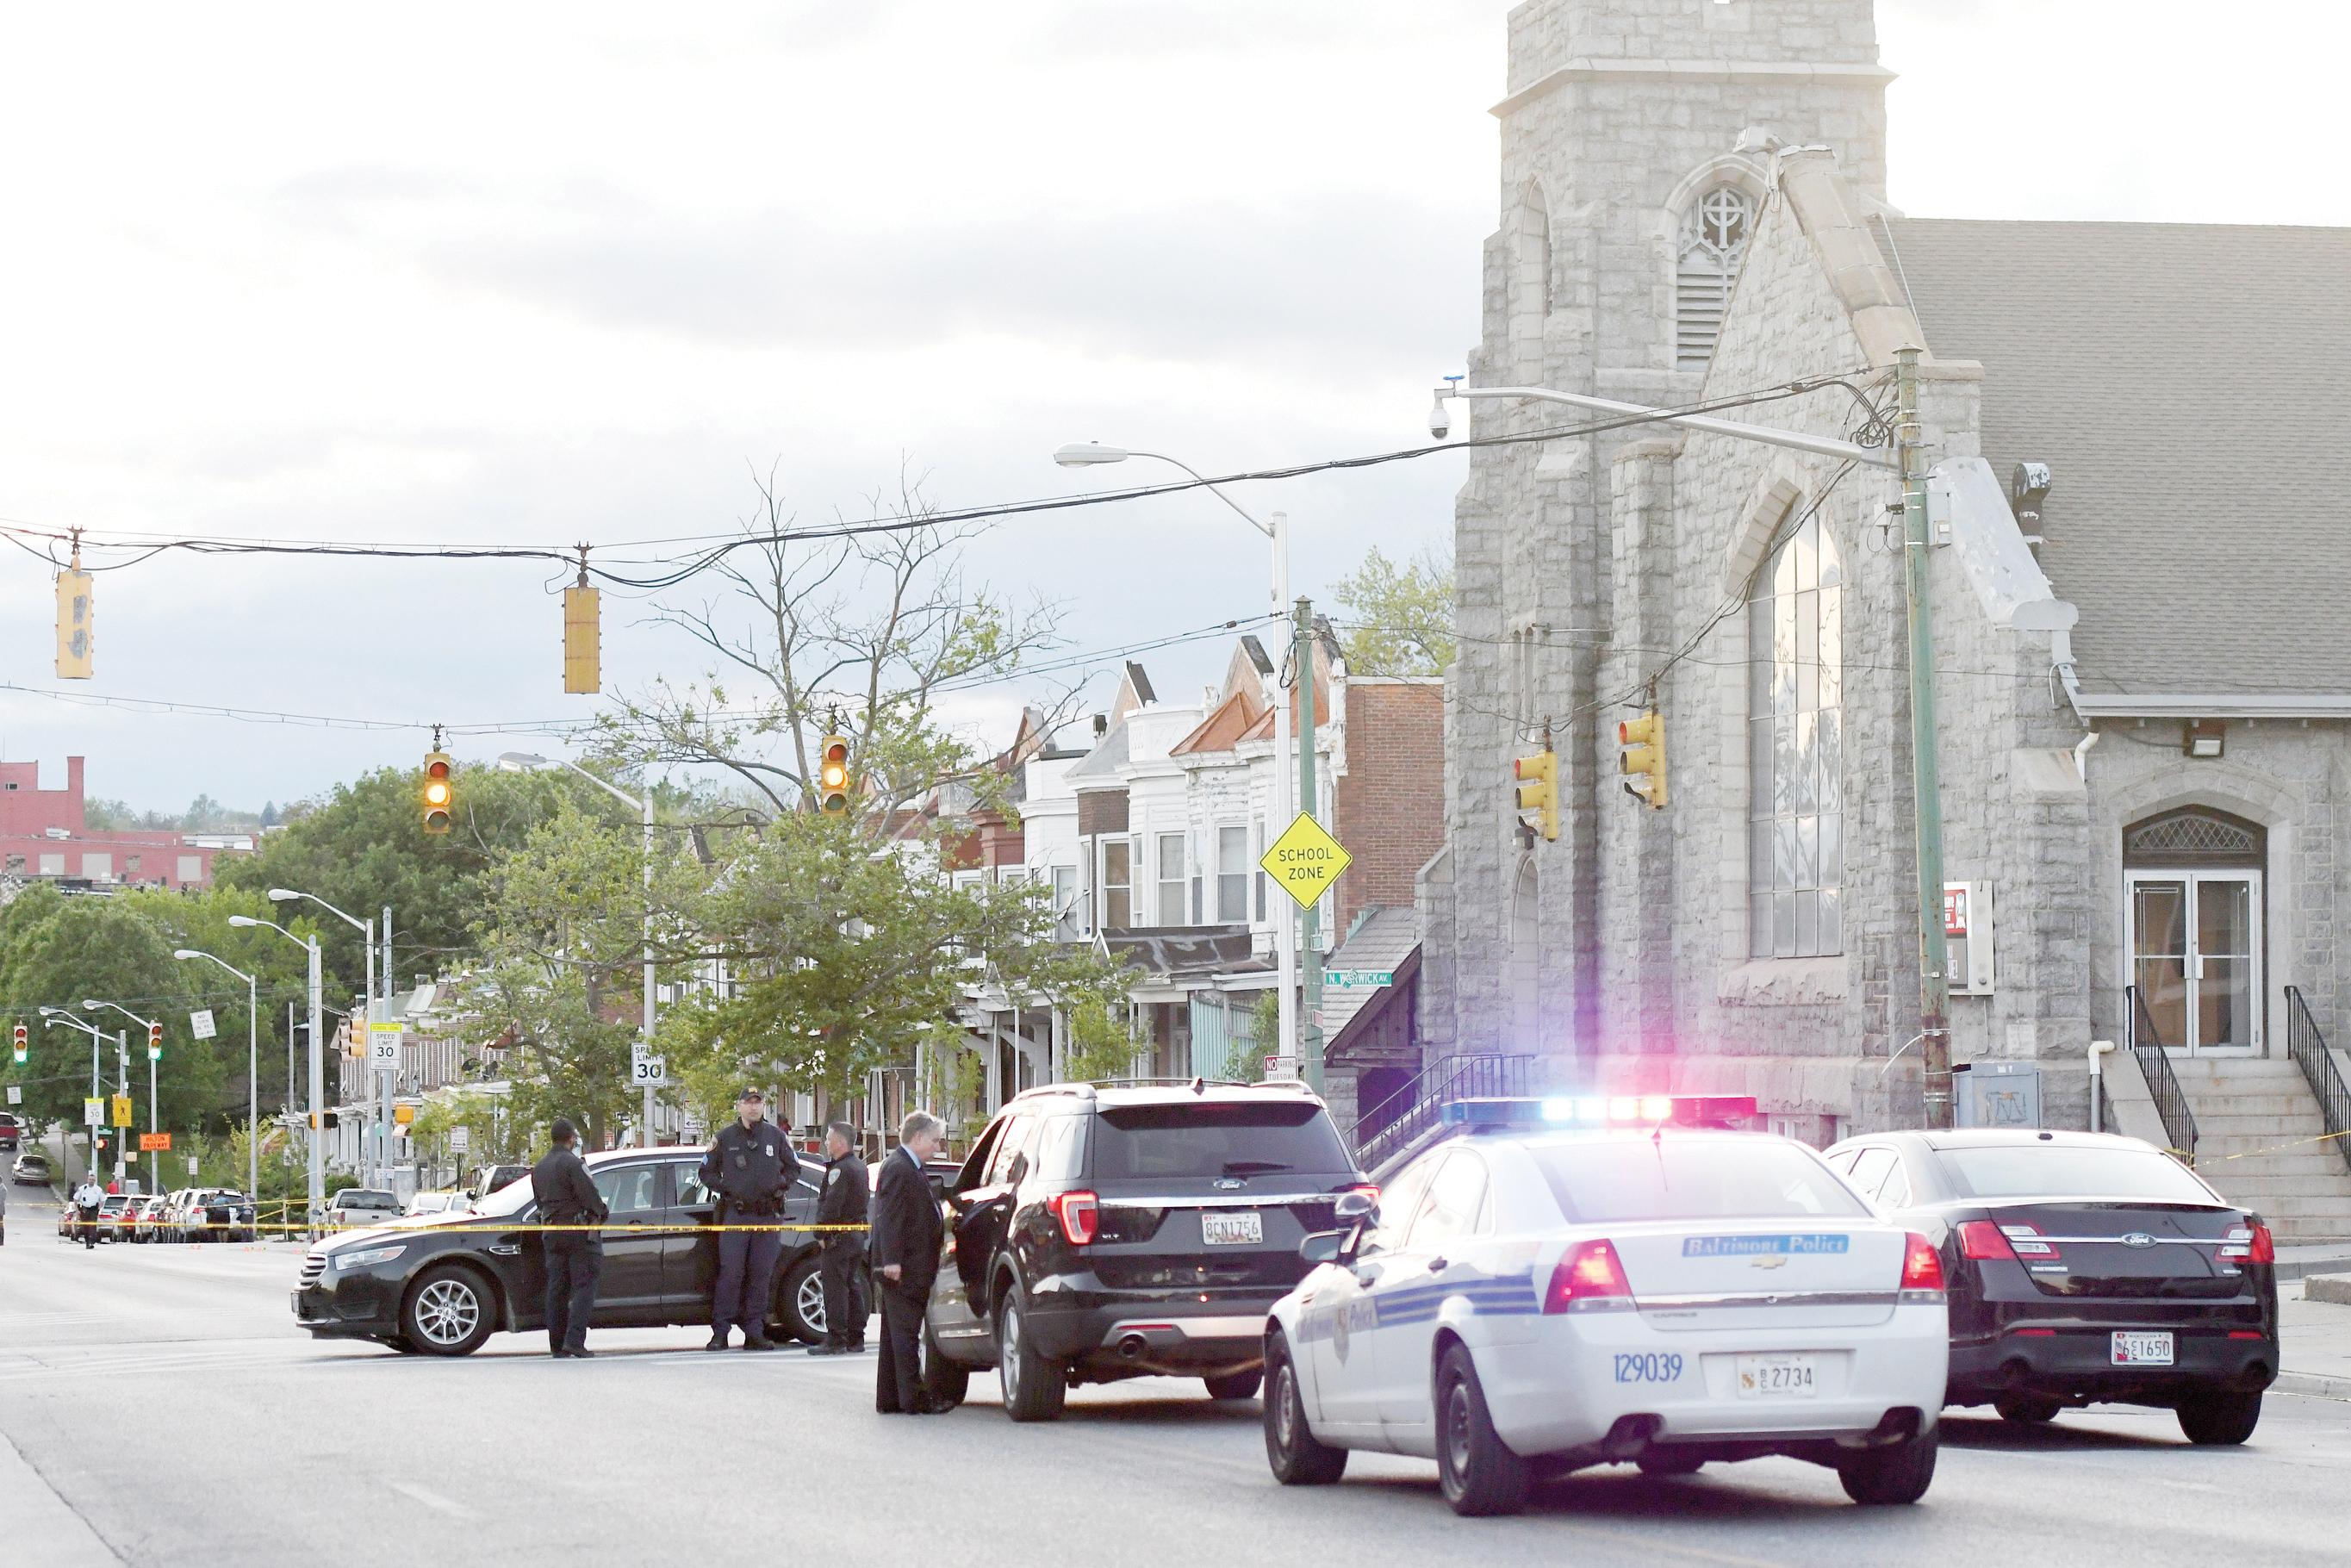 Un muerto y siete heridos por balacera en Baltimore